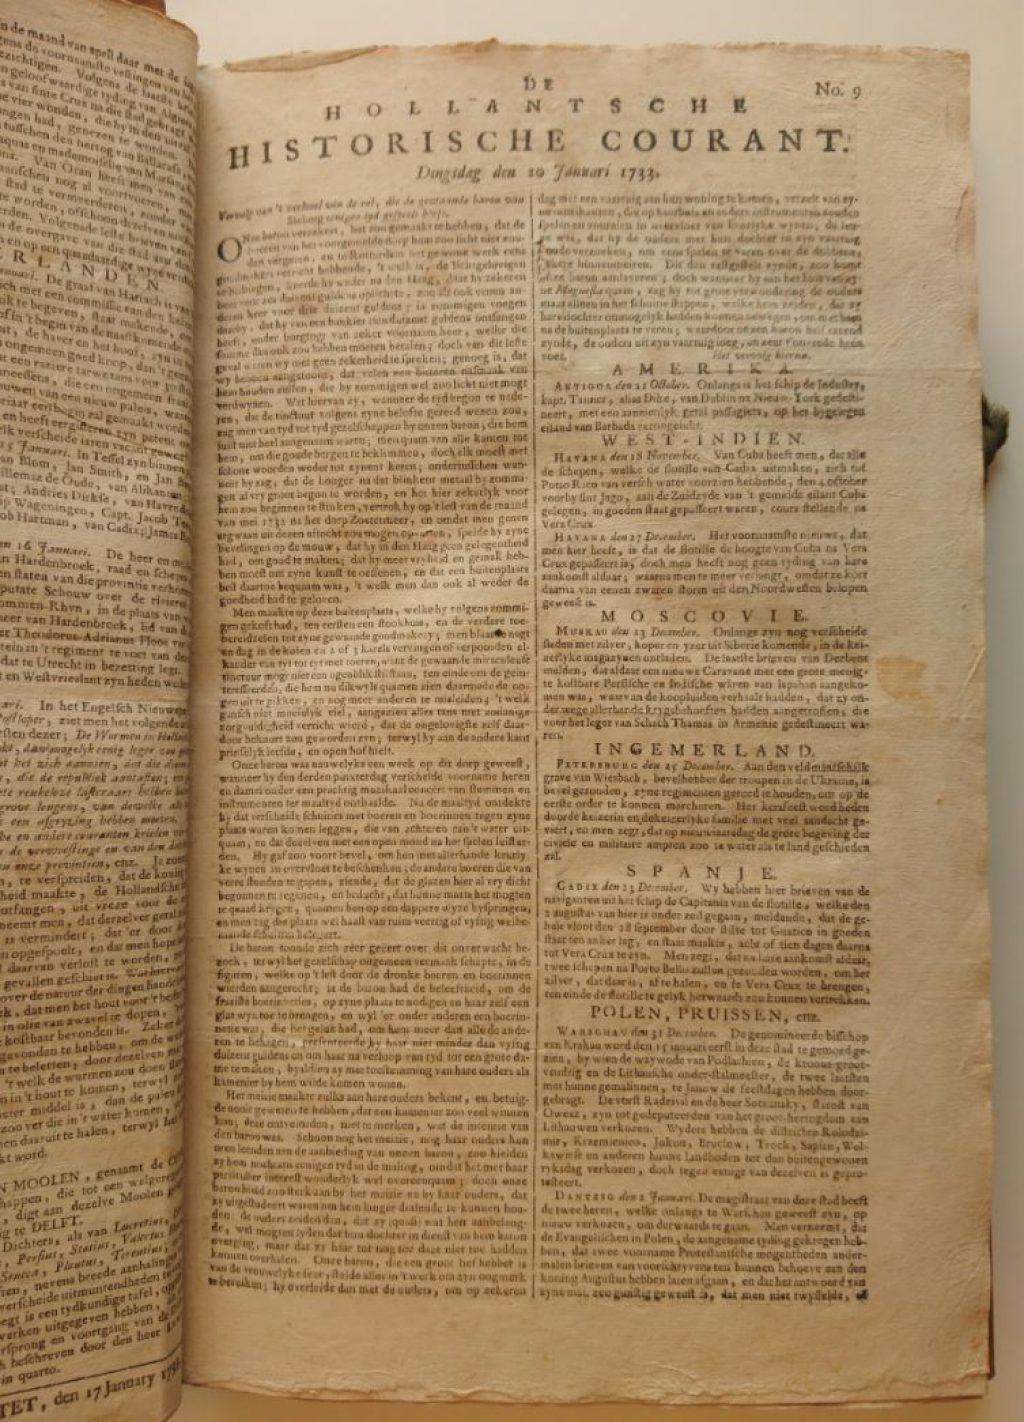 Voorpagina van de Hollantsche Historische Courant van dinsdag 20 januari 1733. (Bibliotheek)